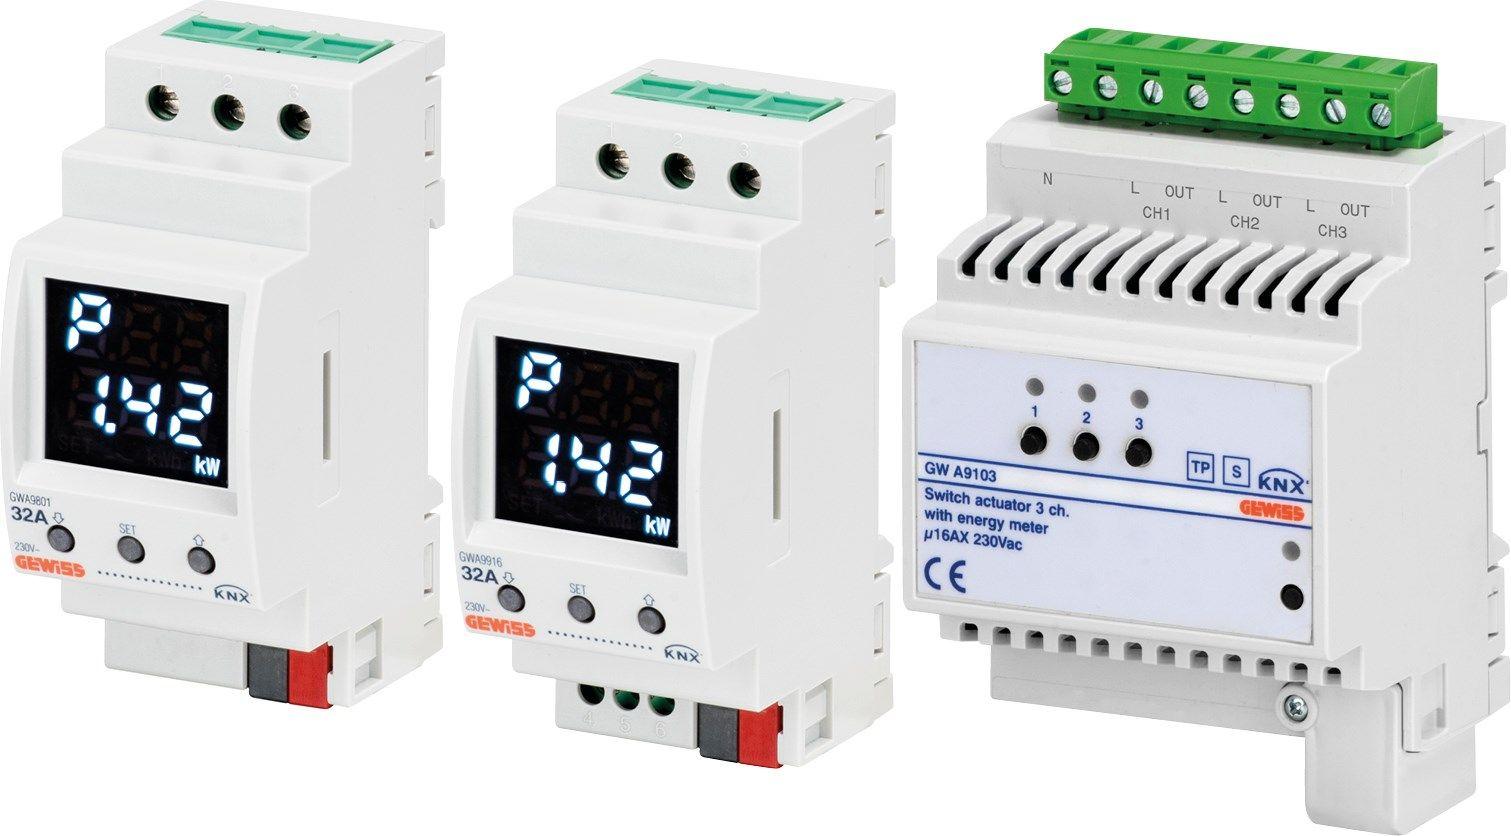 Gewiss presenta una nuova serie di dispositivi KNX per la gestione dell'energia